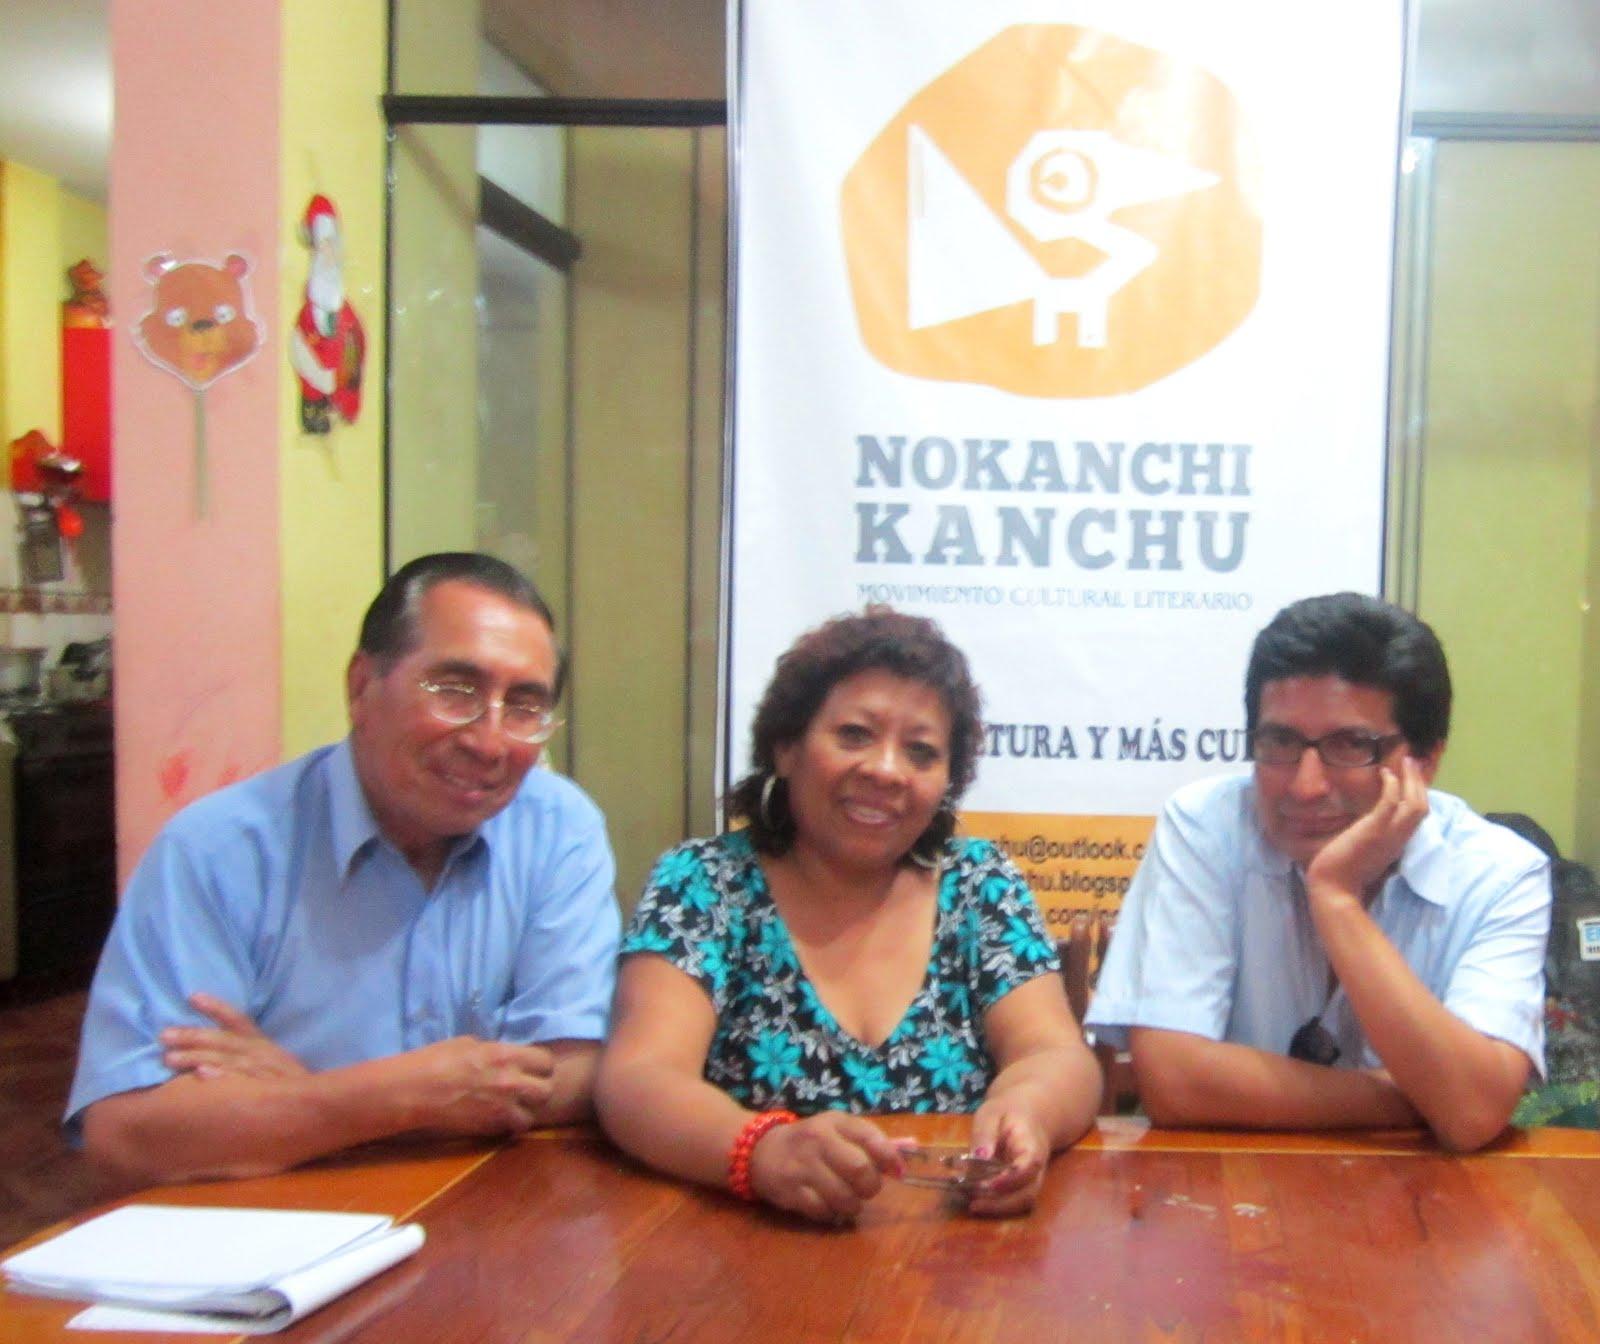 Movimiento Cultural Nokanchi Kanchu